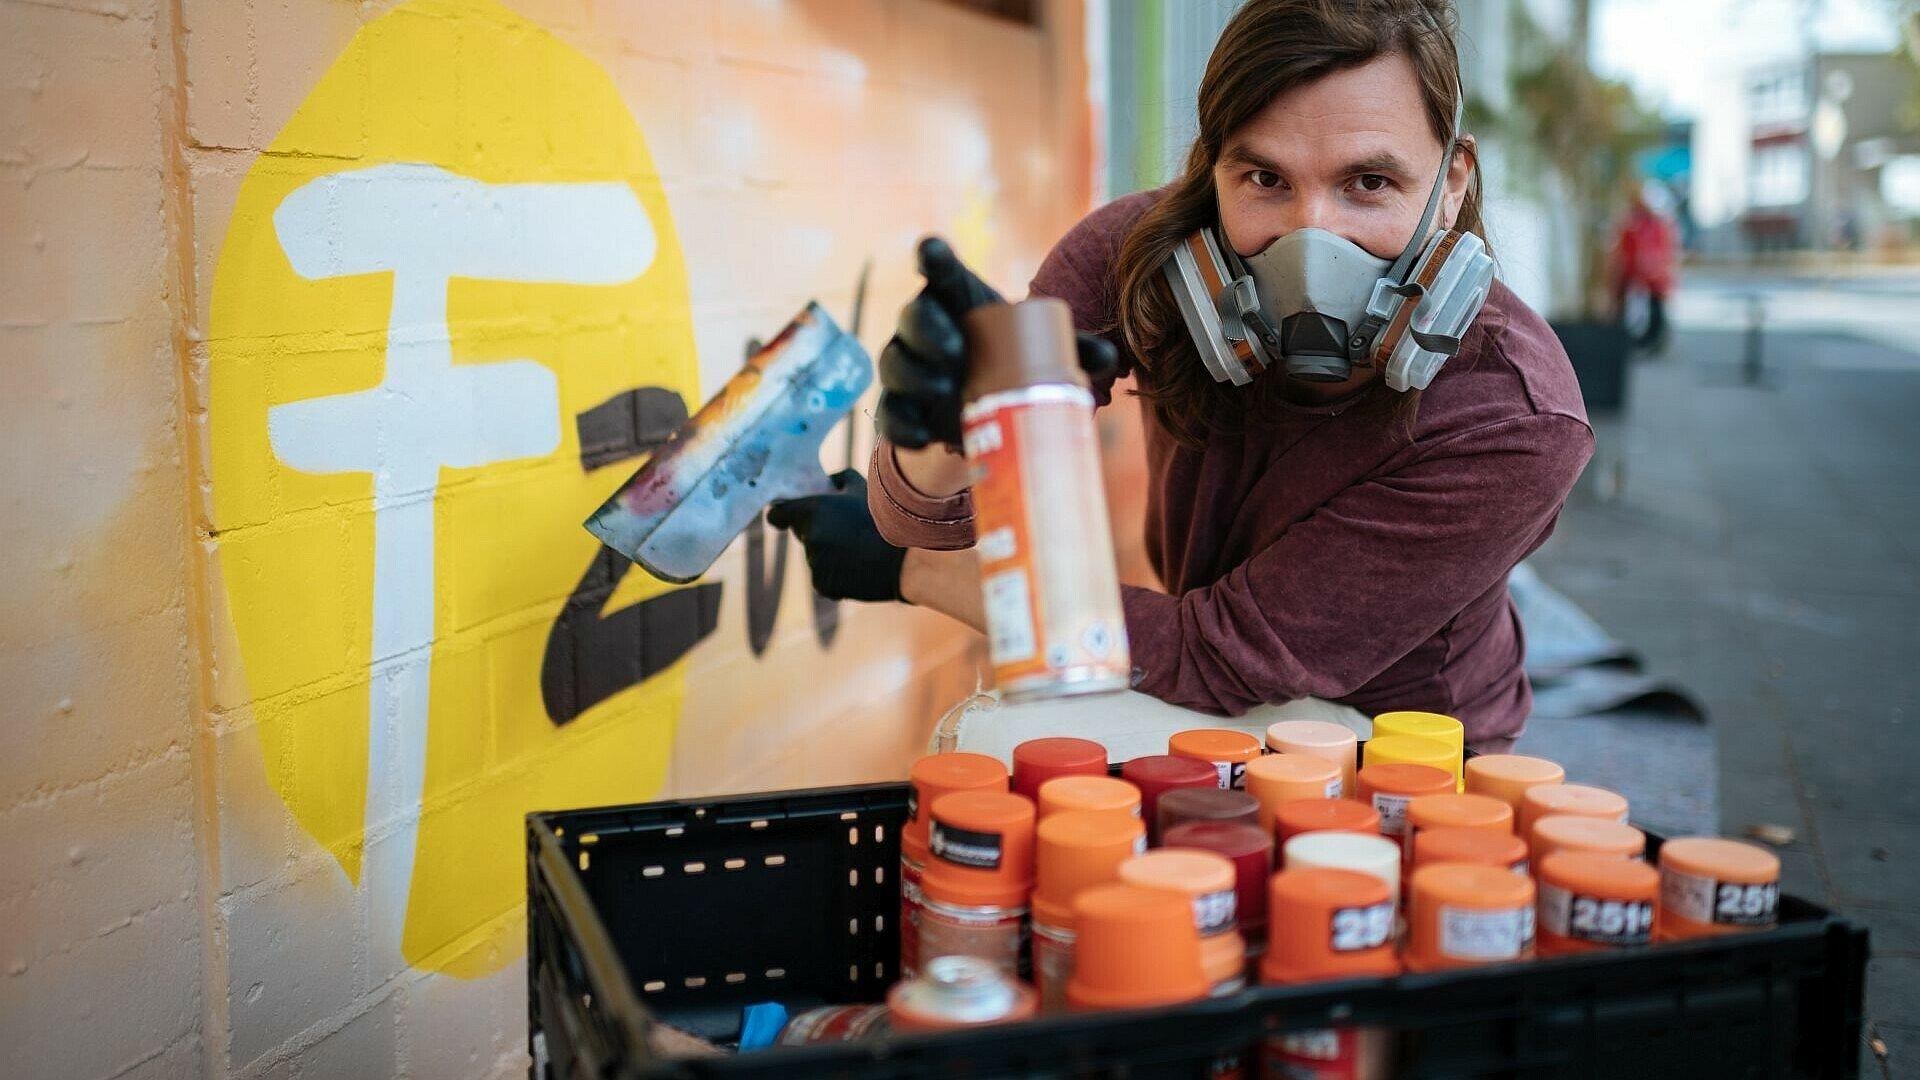 Künstler Matthias Furch sprüht das Logo des Jugendzentrums auf die Wand